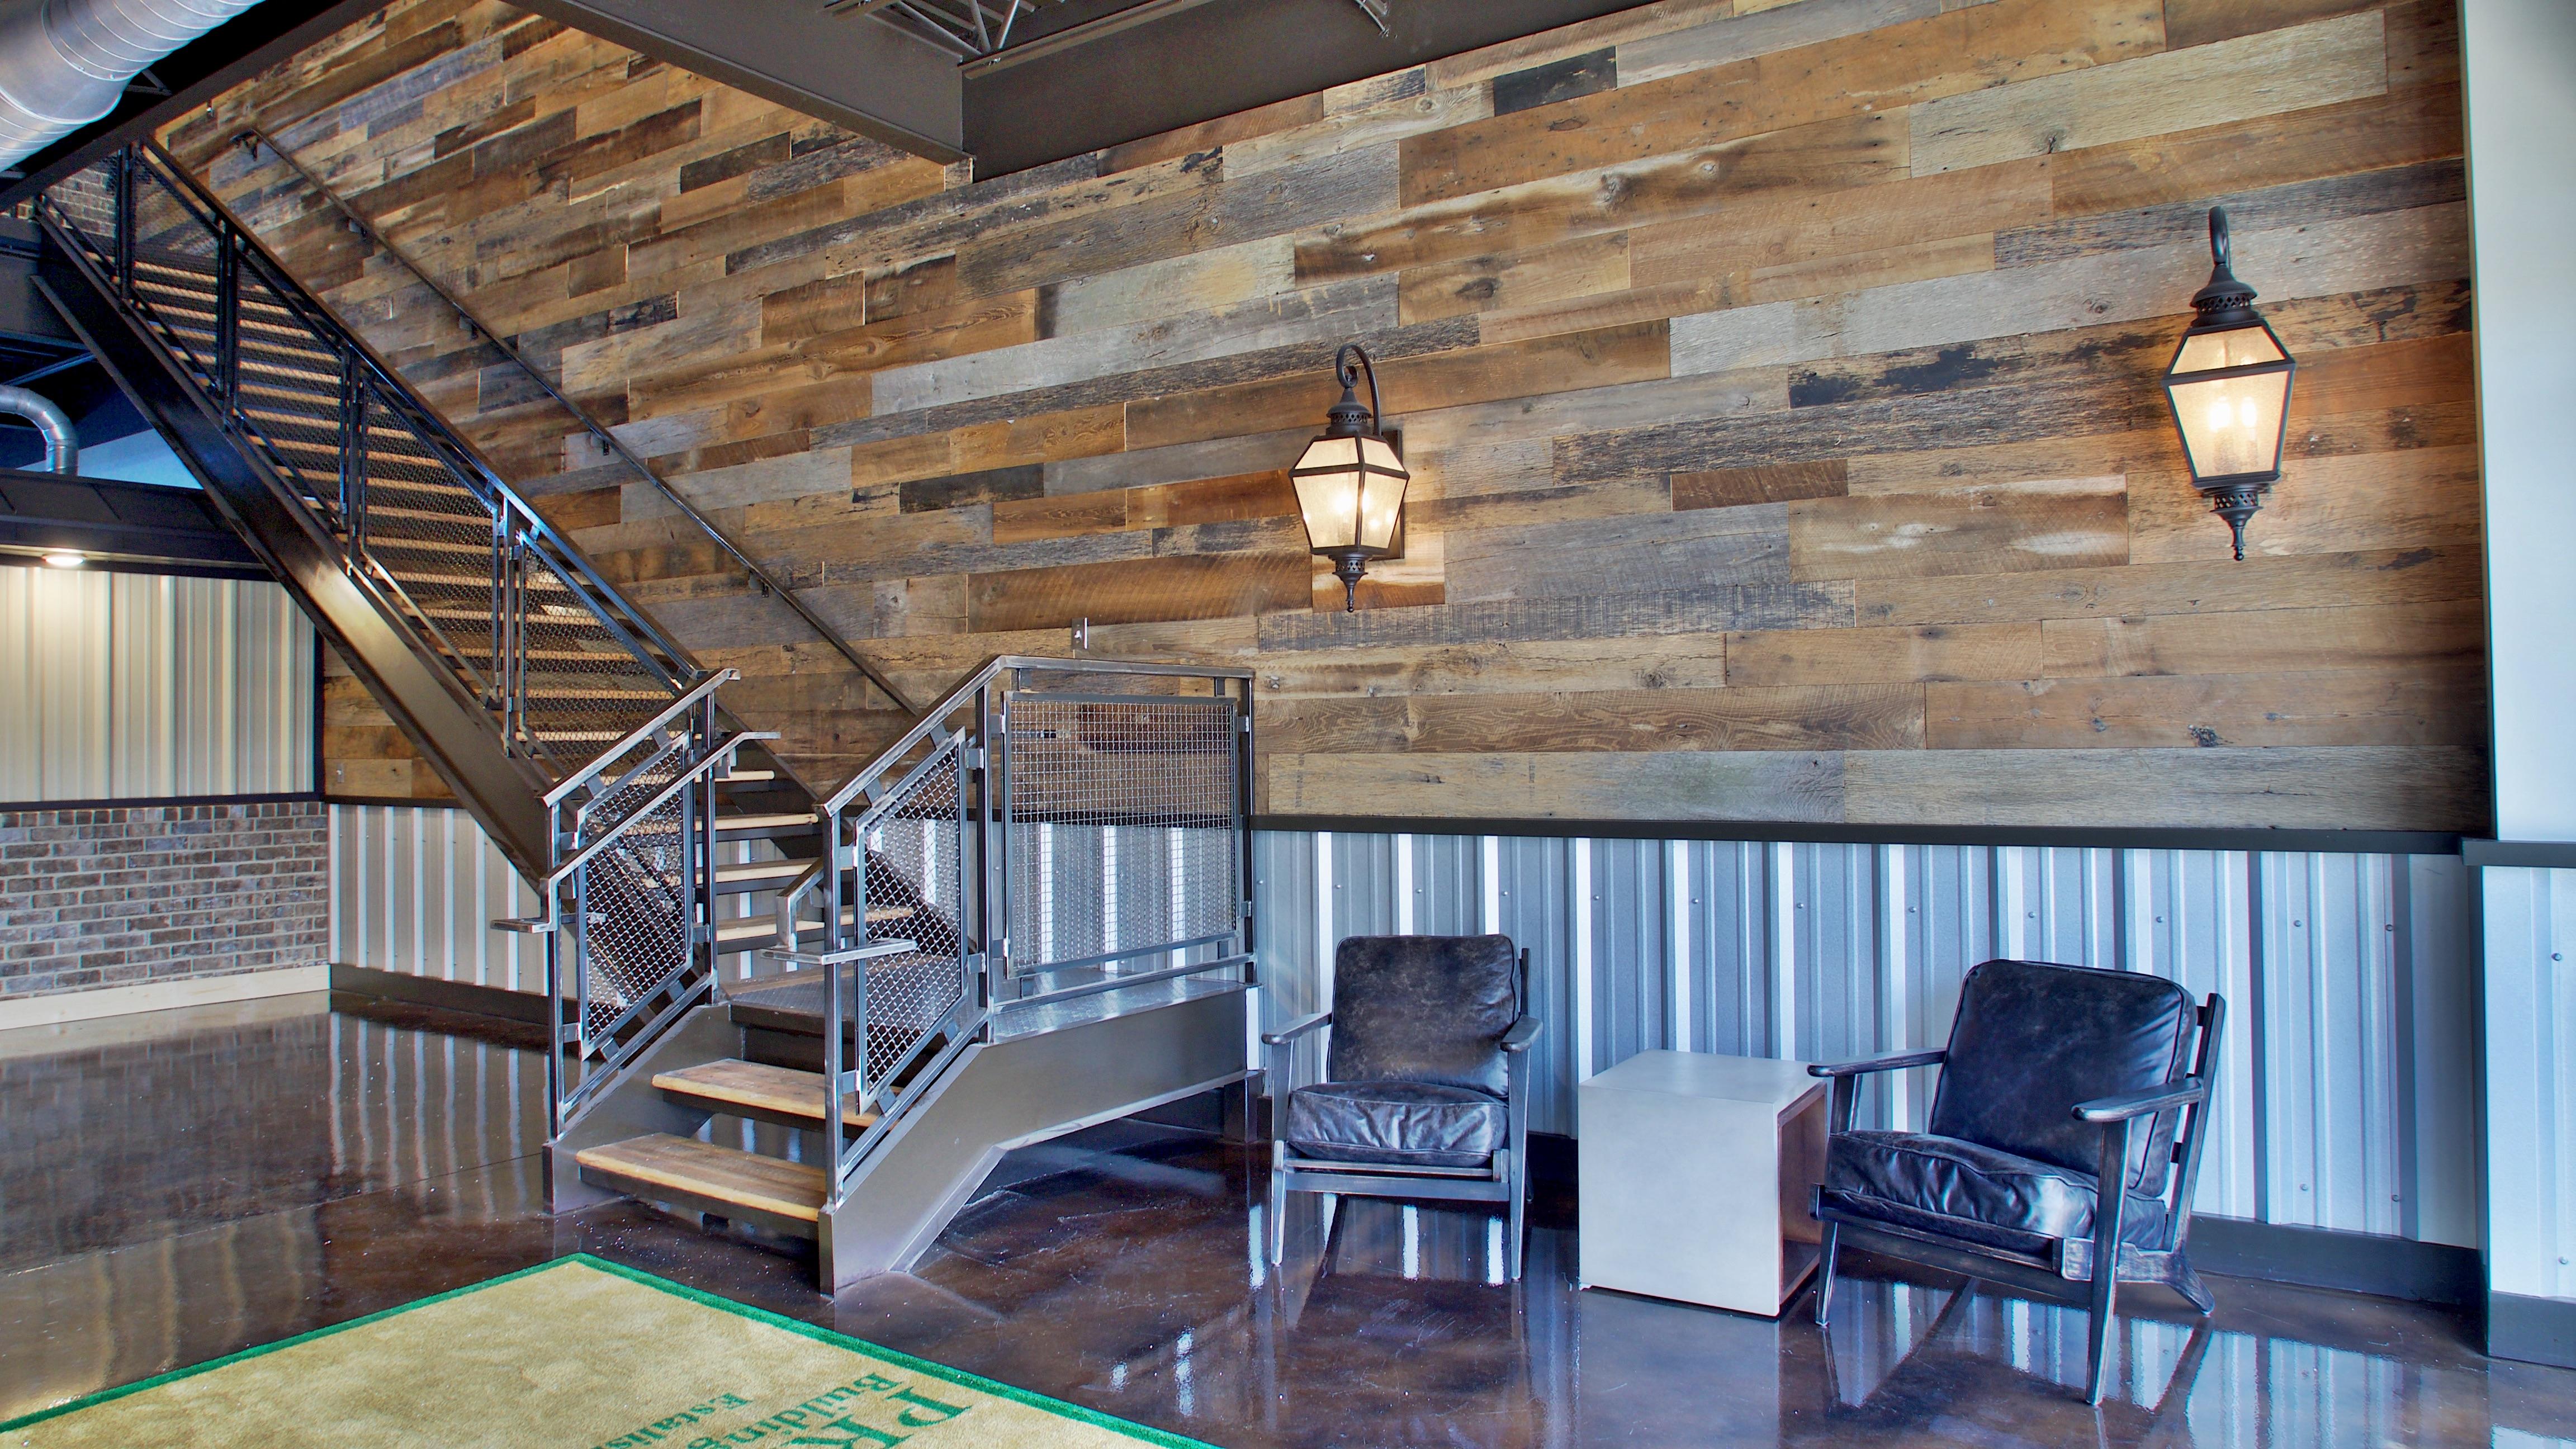 Steel Building Stairway